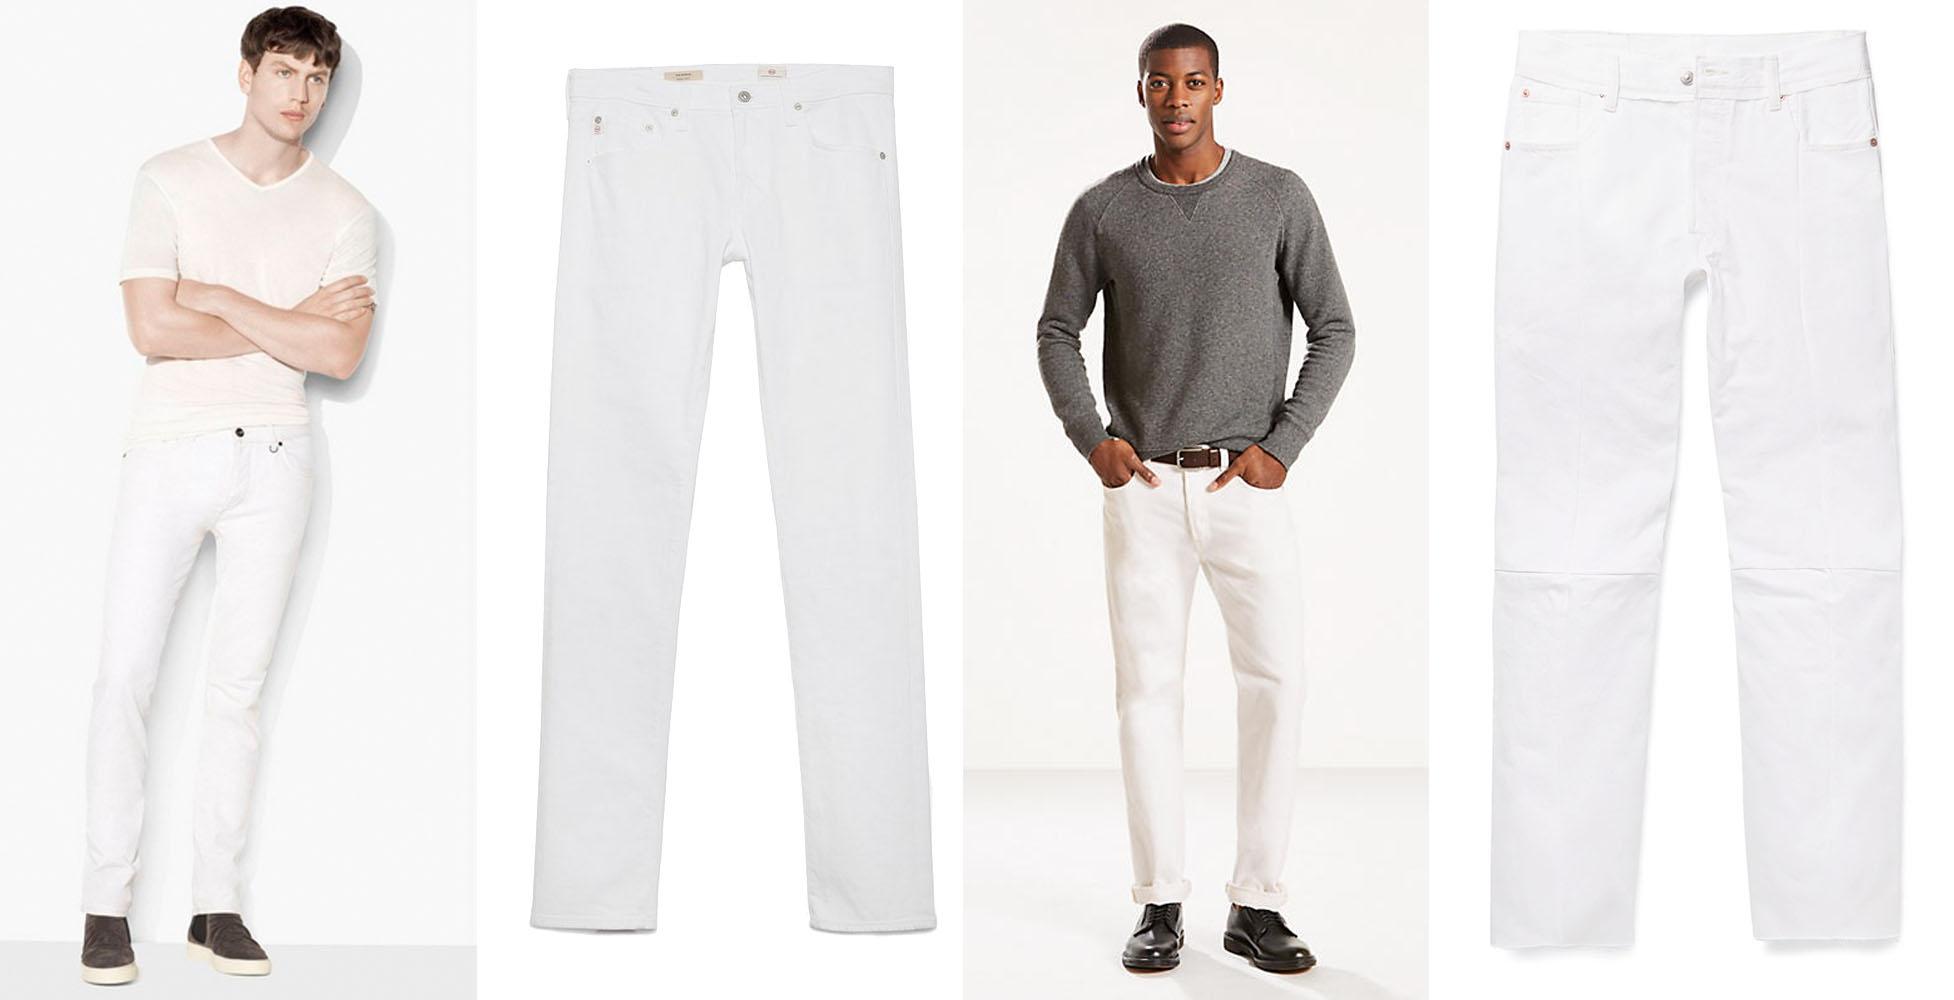 Moda masculina  Cómo usar pantalones blancos sin perder la dignidad ... 5d50324641ea